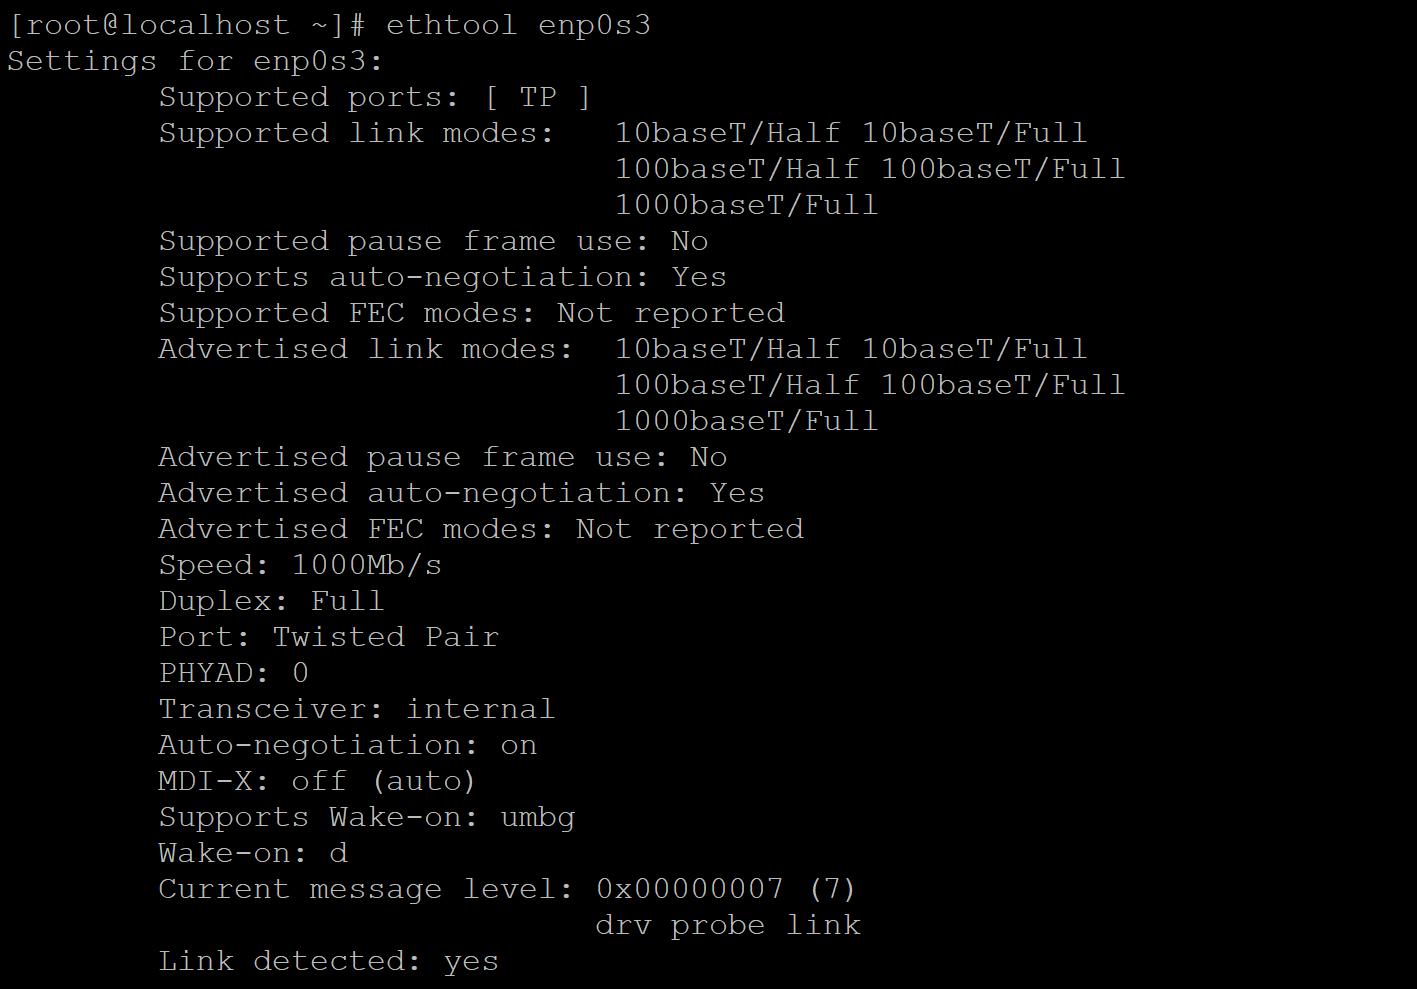 Output-6.1